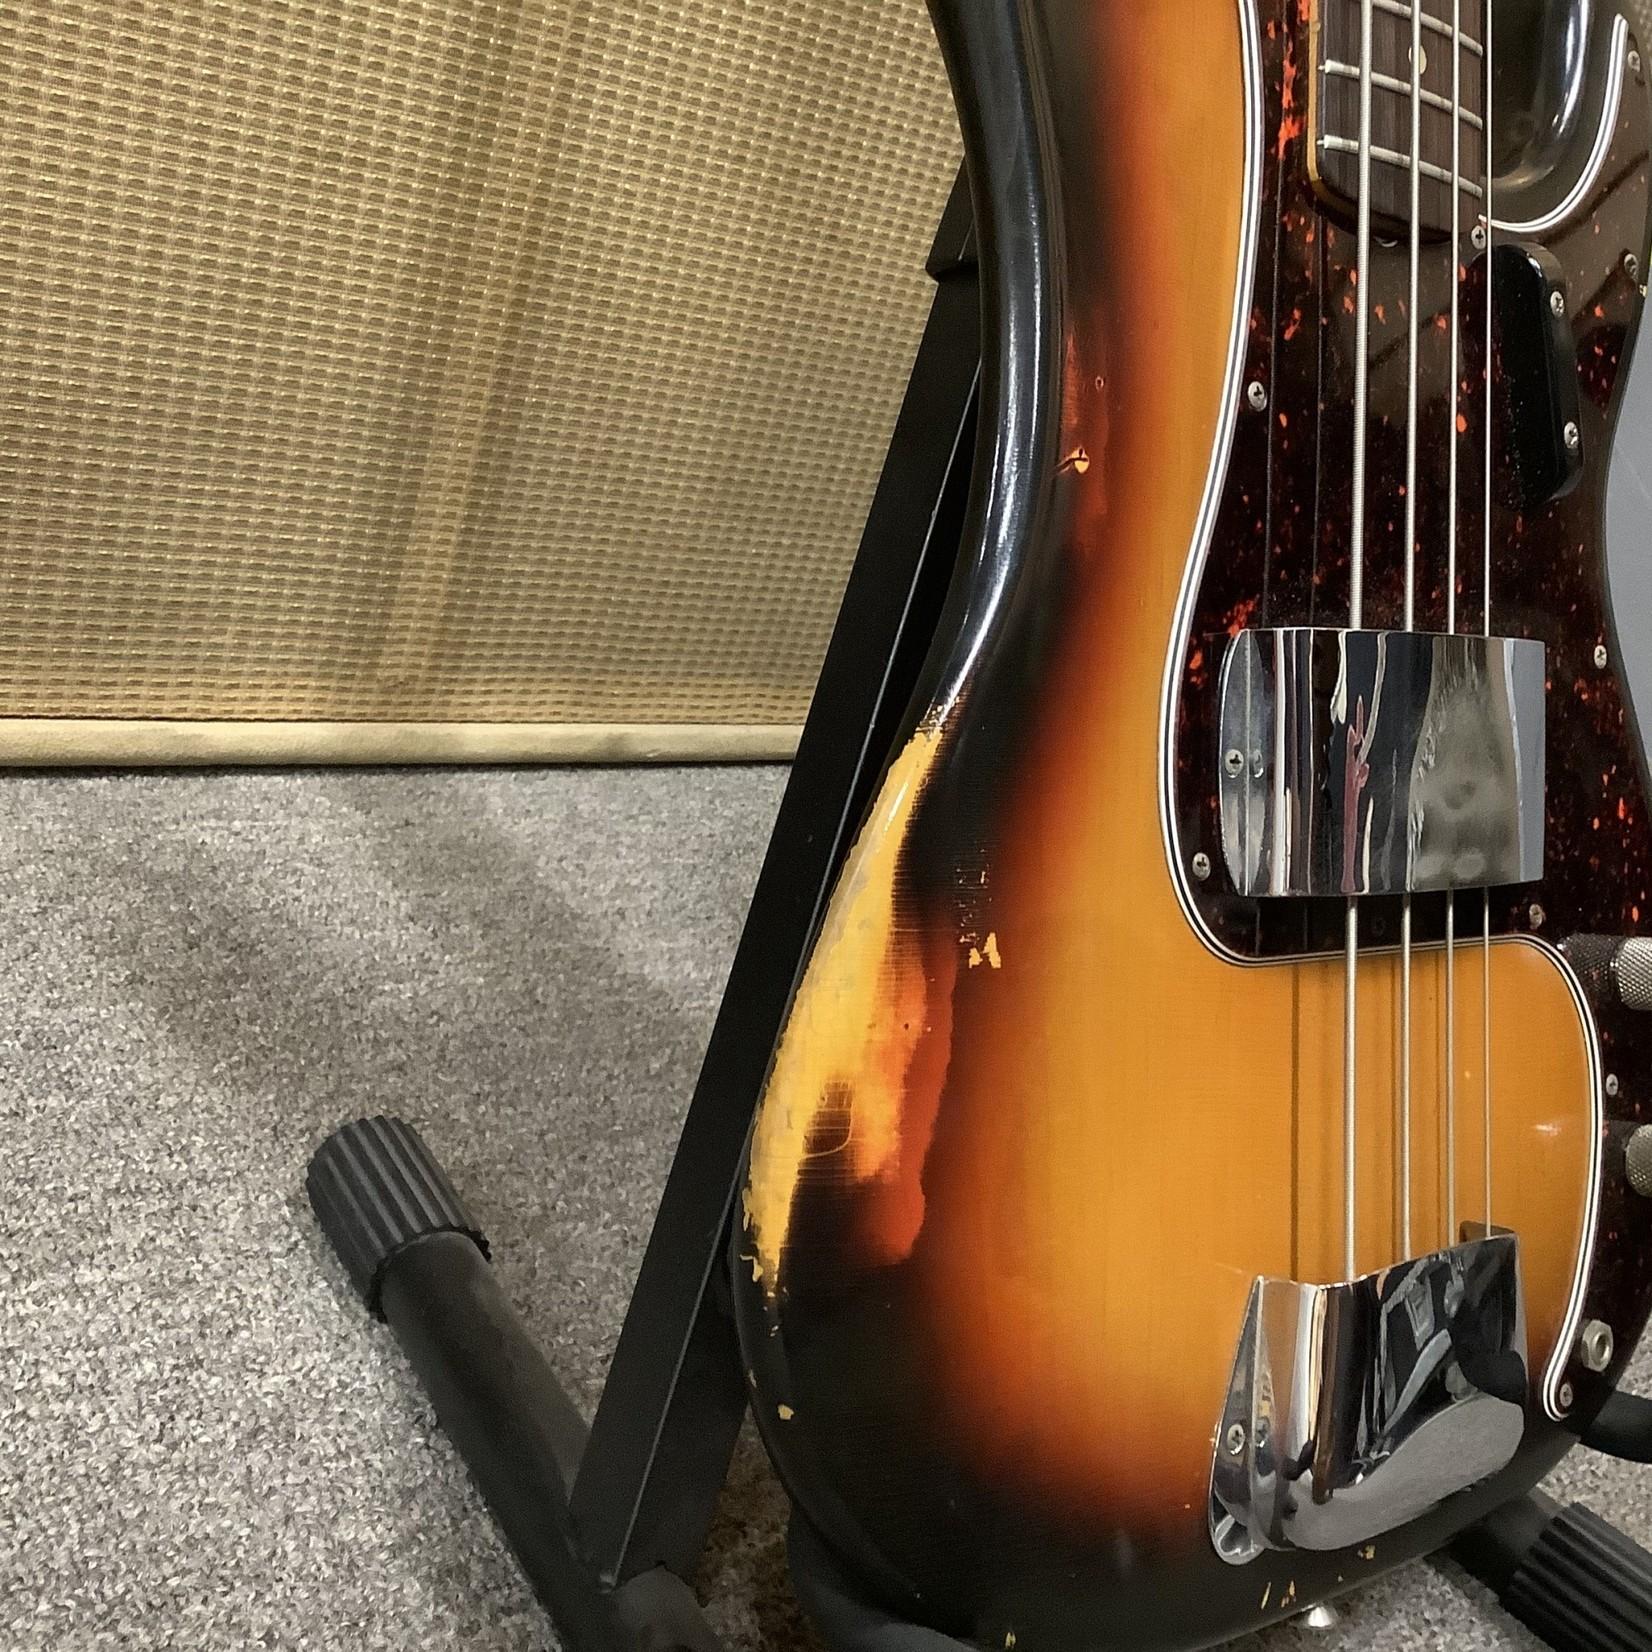 Fender 1966 Fender P-Bass Sunburst